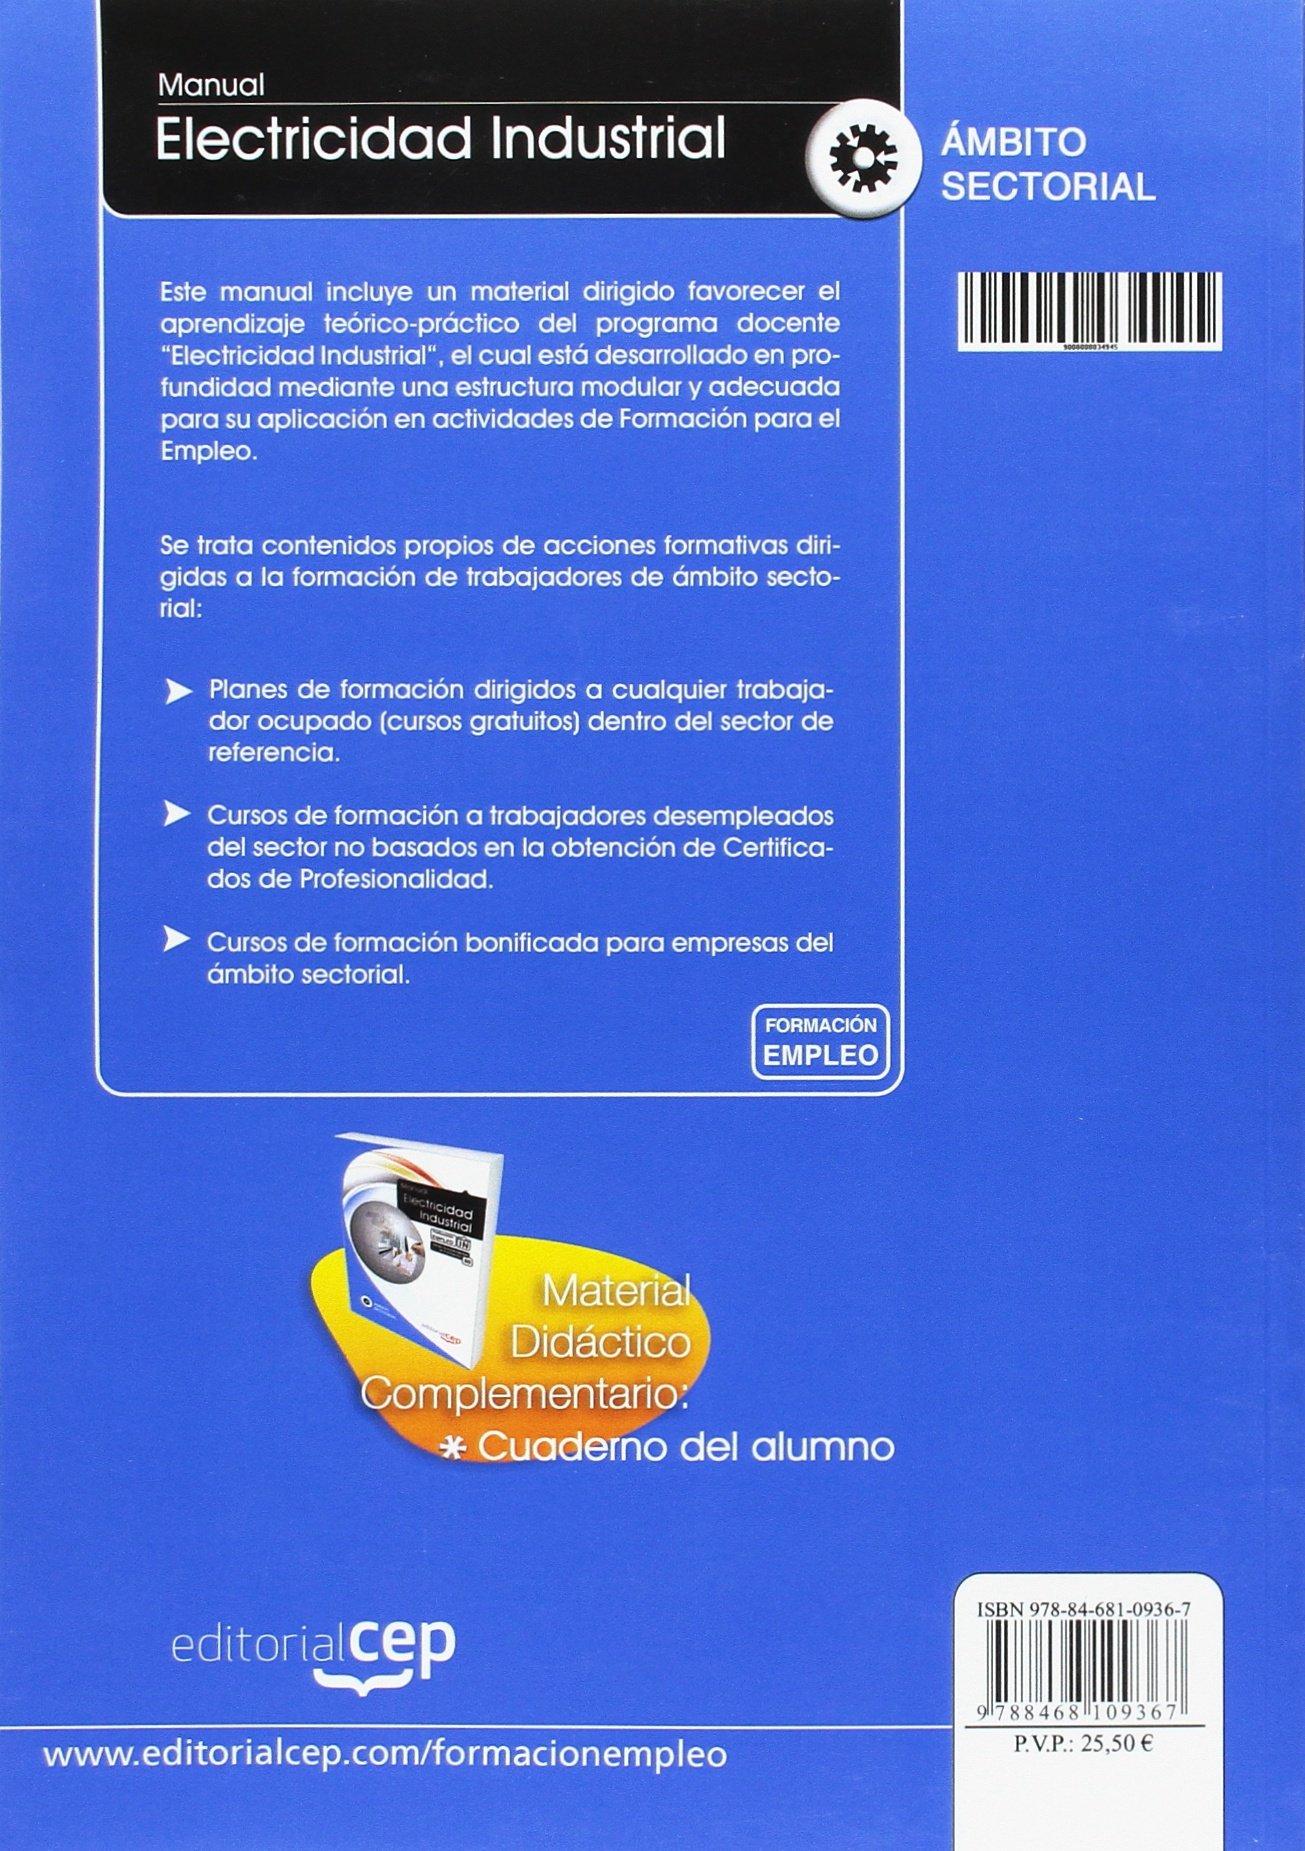 Manual Electricidad Industrial. Formación para el Empleo (Colección 1394): Ed. Cep: 9788468109367: Amazon.com: Books